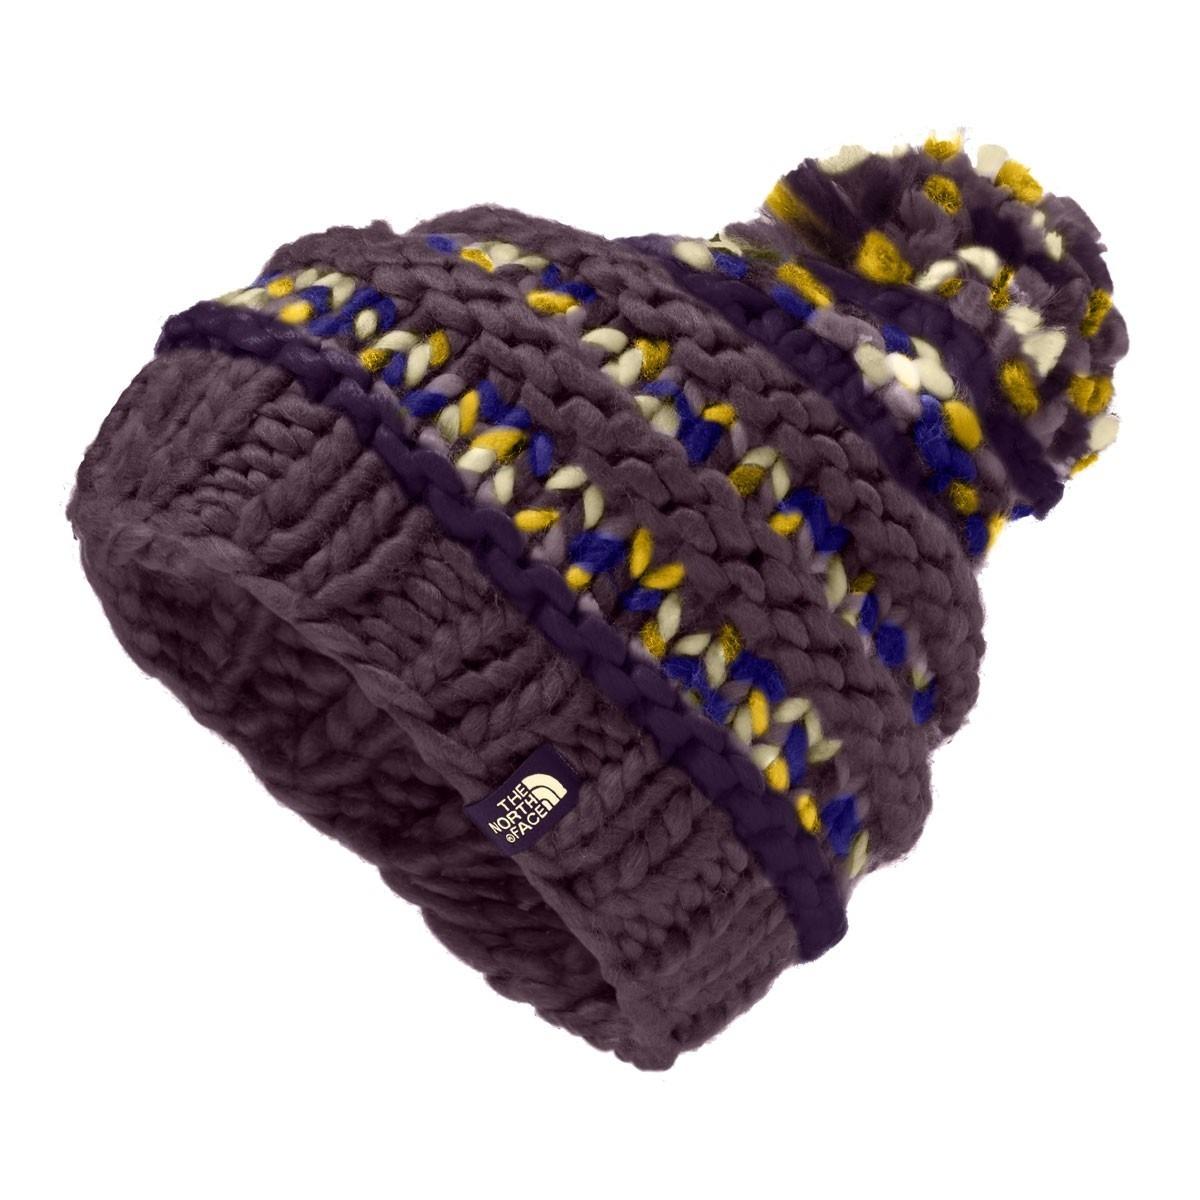 gorra lana beanie the north face varios colores disponibles. Cargando zoom. 46e88e061f7